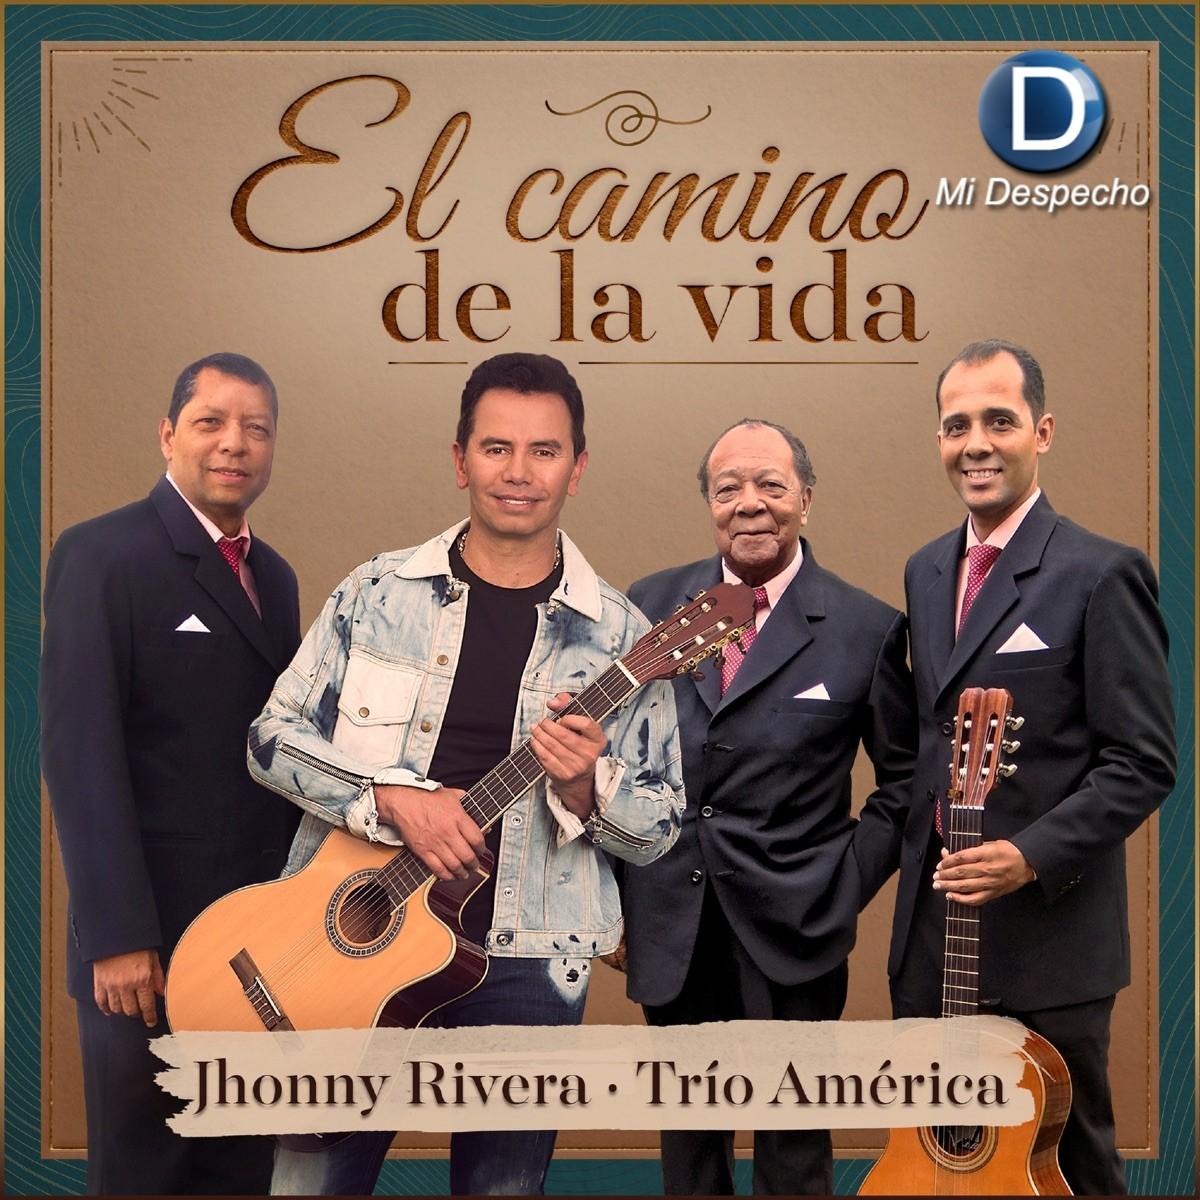 Jhonny Rivera & Trío América El Camino De La VidaA Frontal